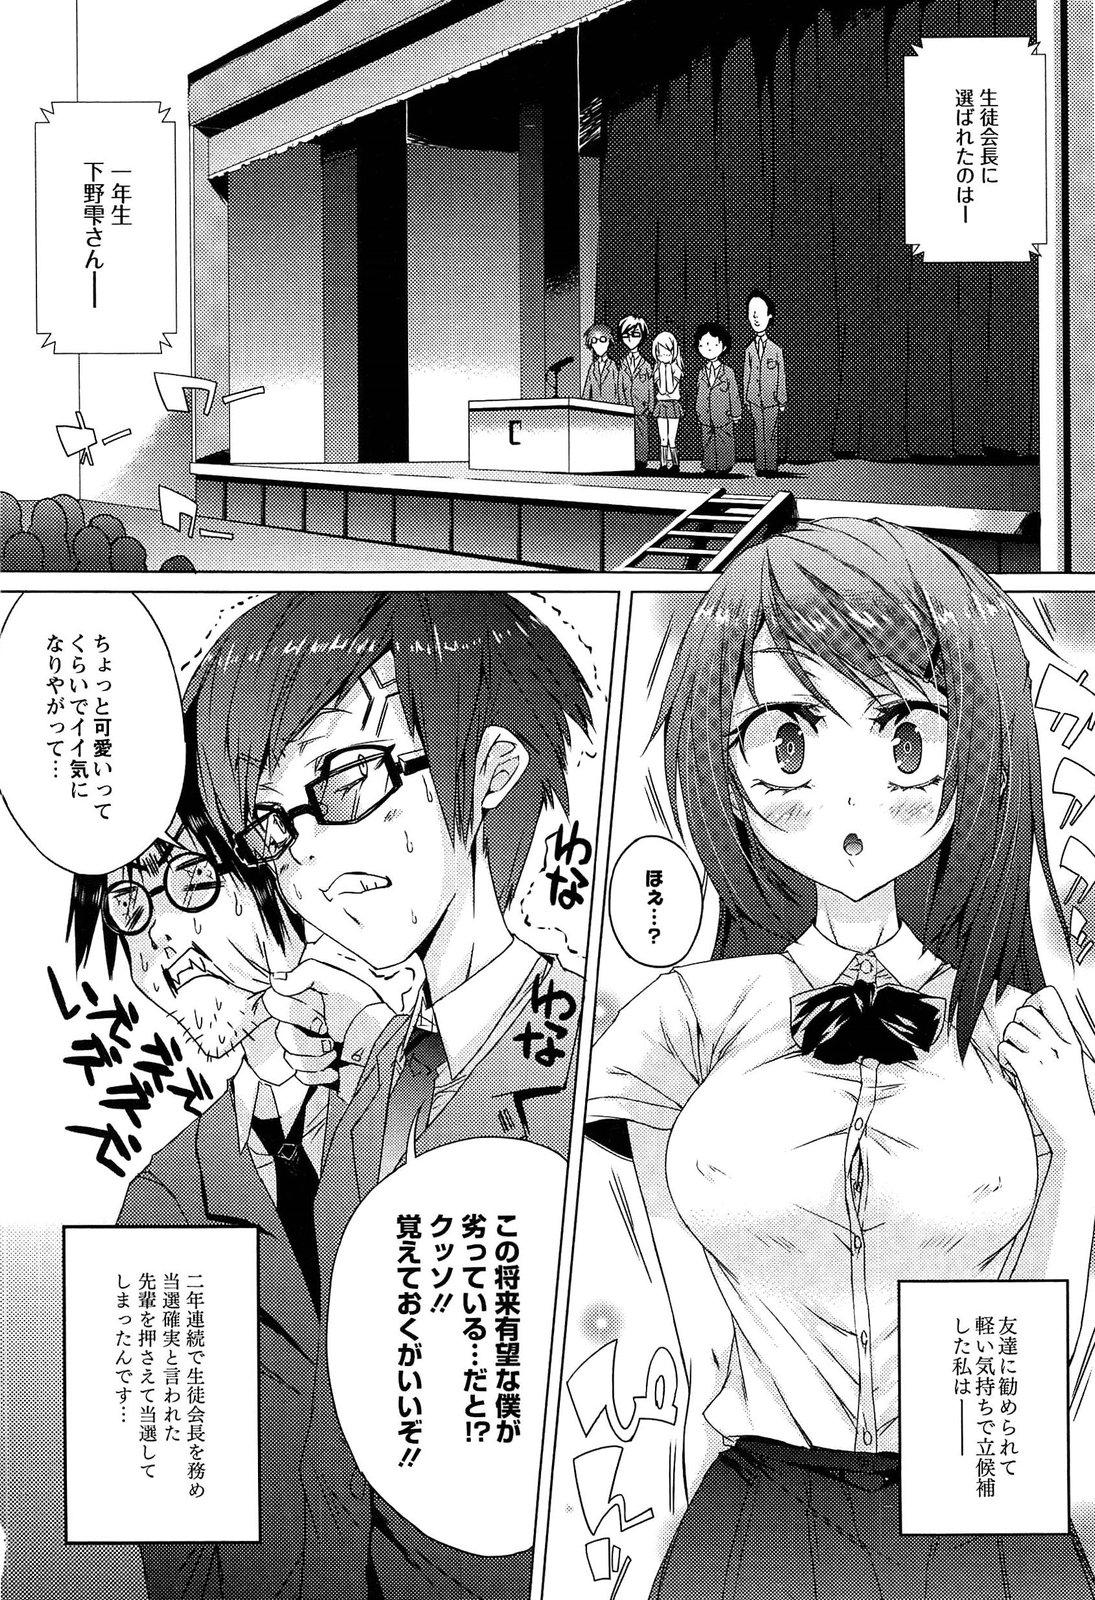 Torokeru Ochipo Milk 47